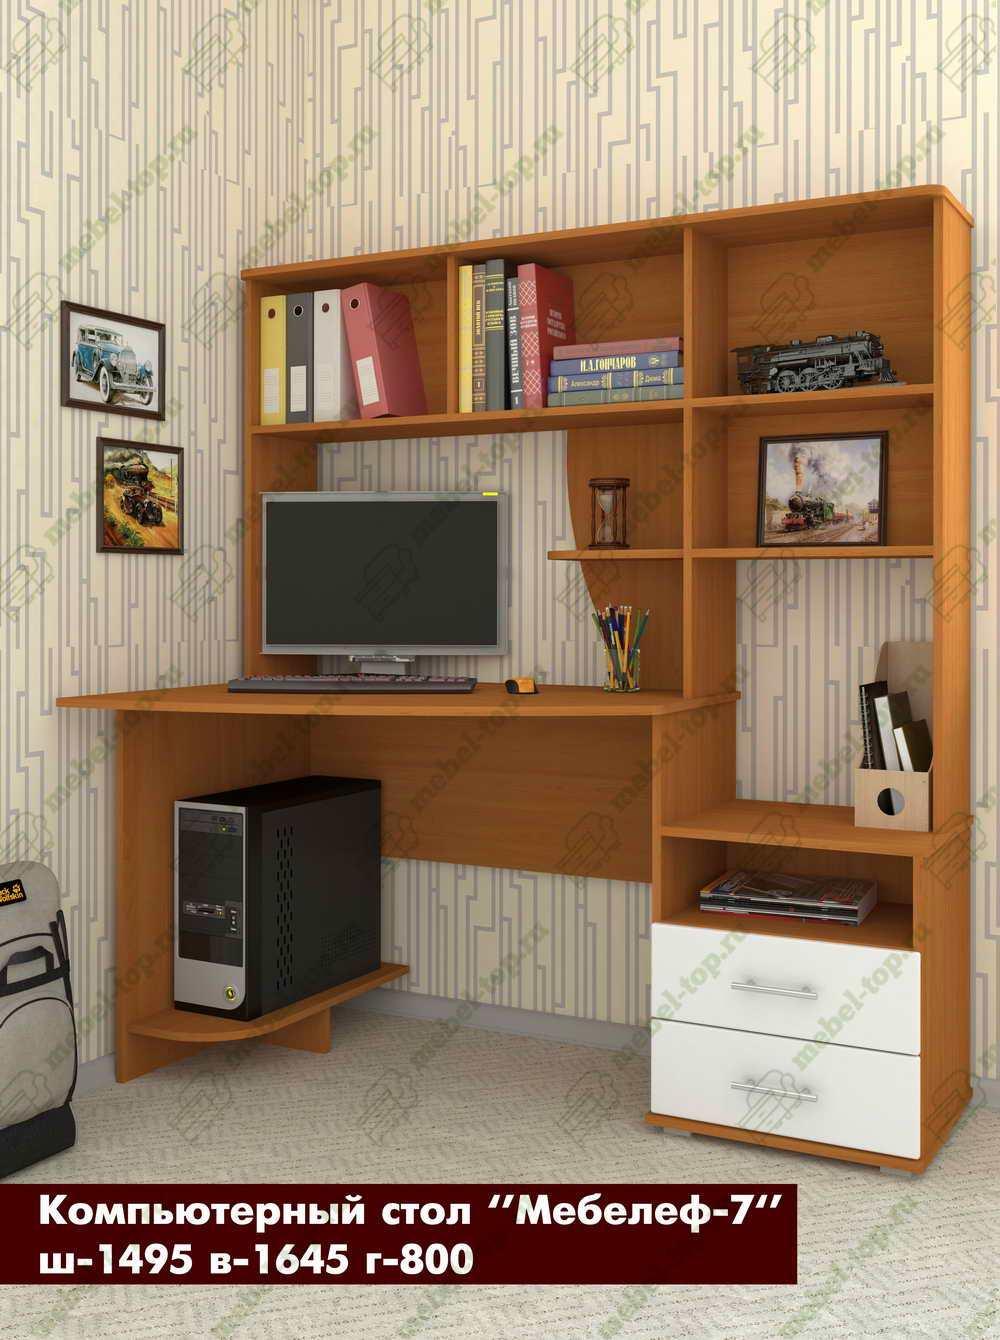 Компьютерный стол Мебелеф-7 компьютерный стол кс 20 30